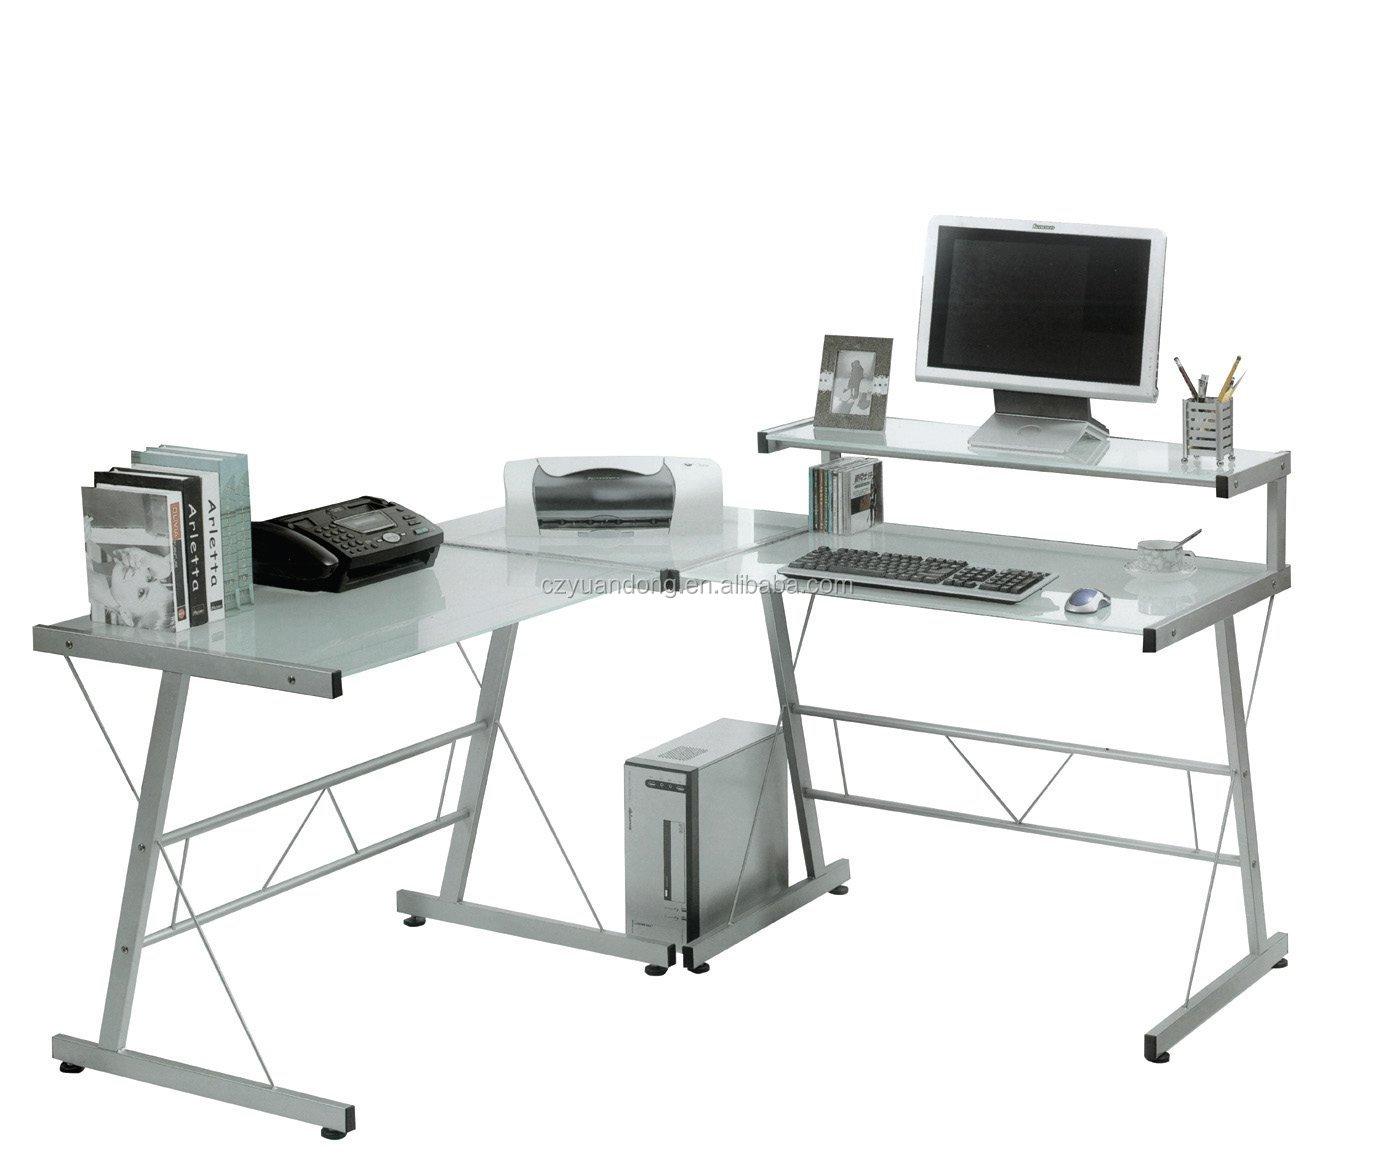 Mesa Ordenador De La Oficina Oficina De La Esquina Muebles Matel  # La Esquina Muebles